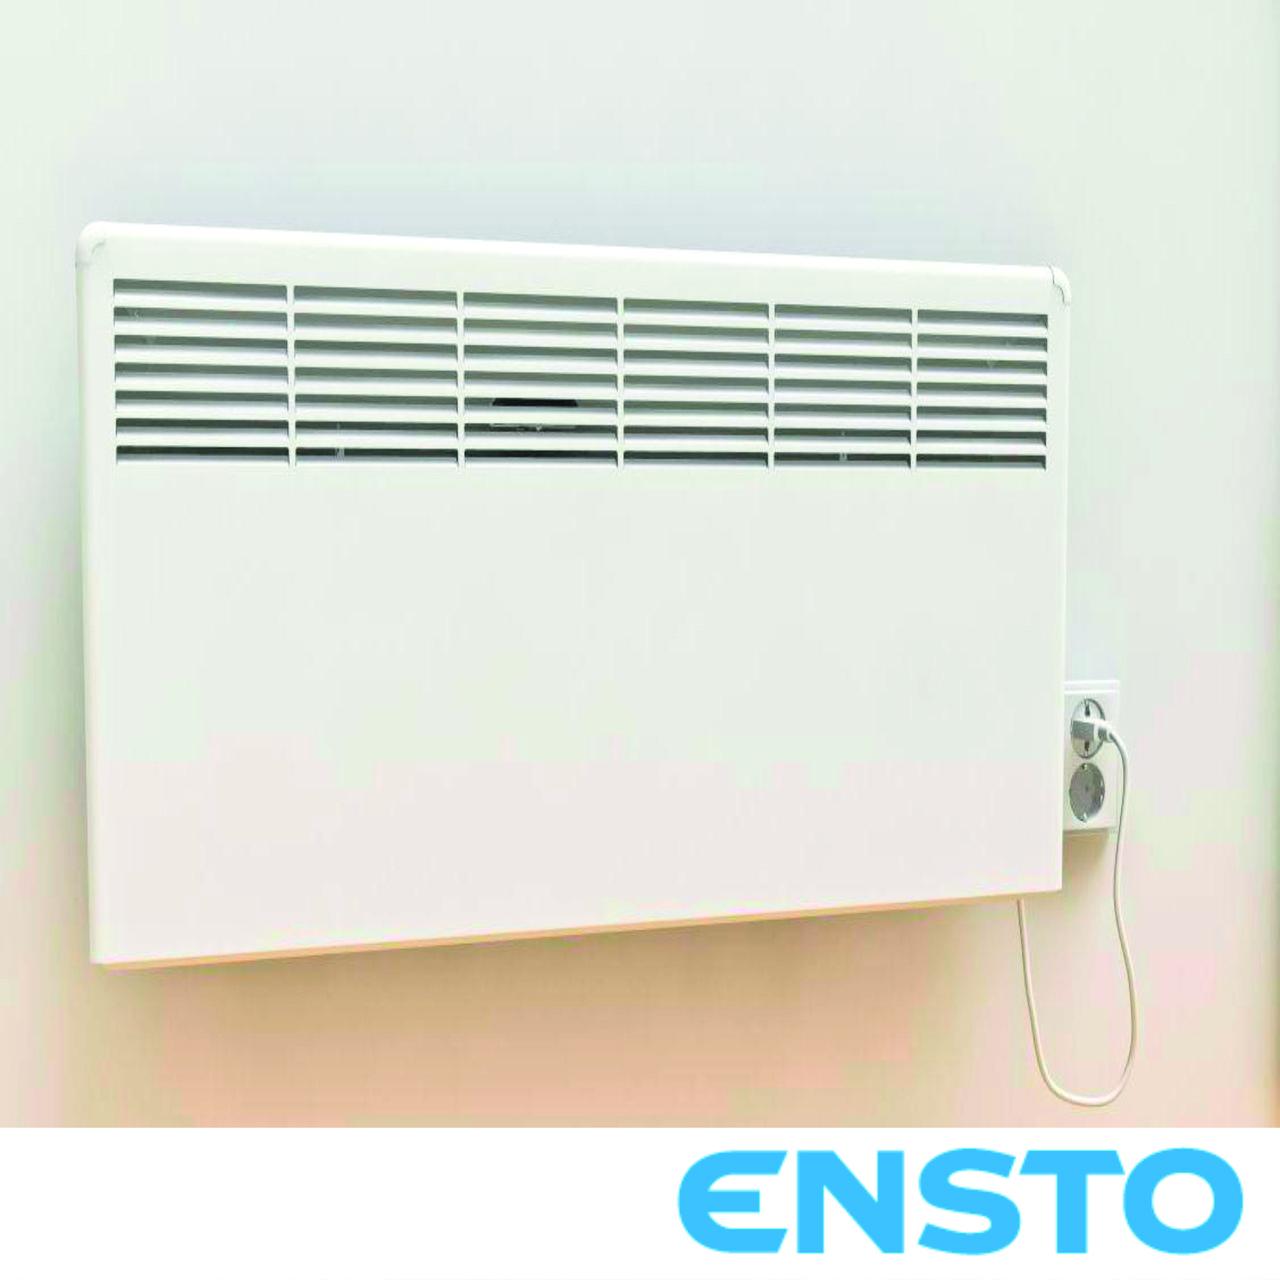 Электрический обогреватель-конвектор Ensto 750 Вт с термостатом и вилкой